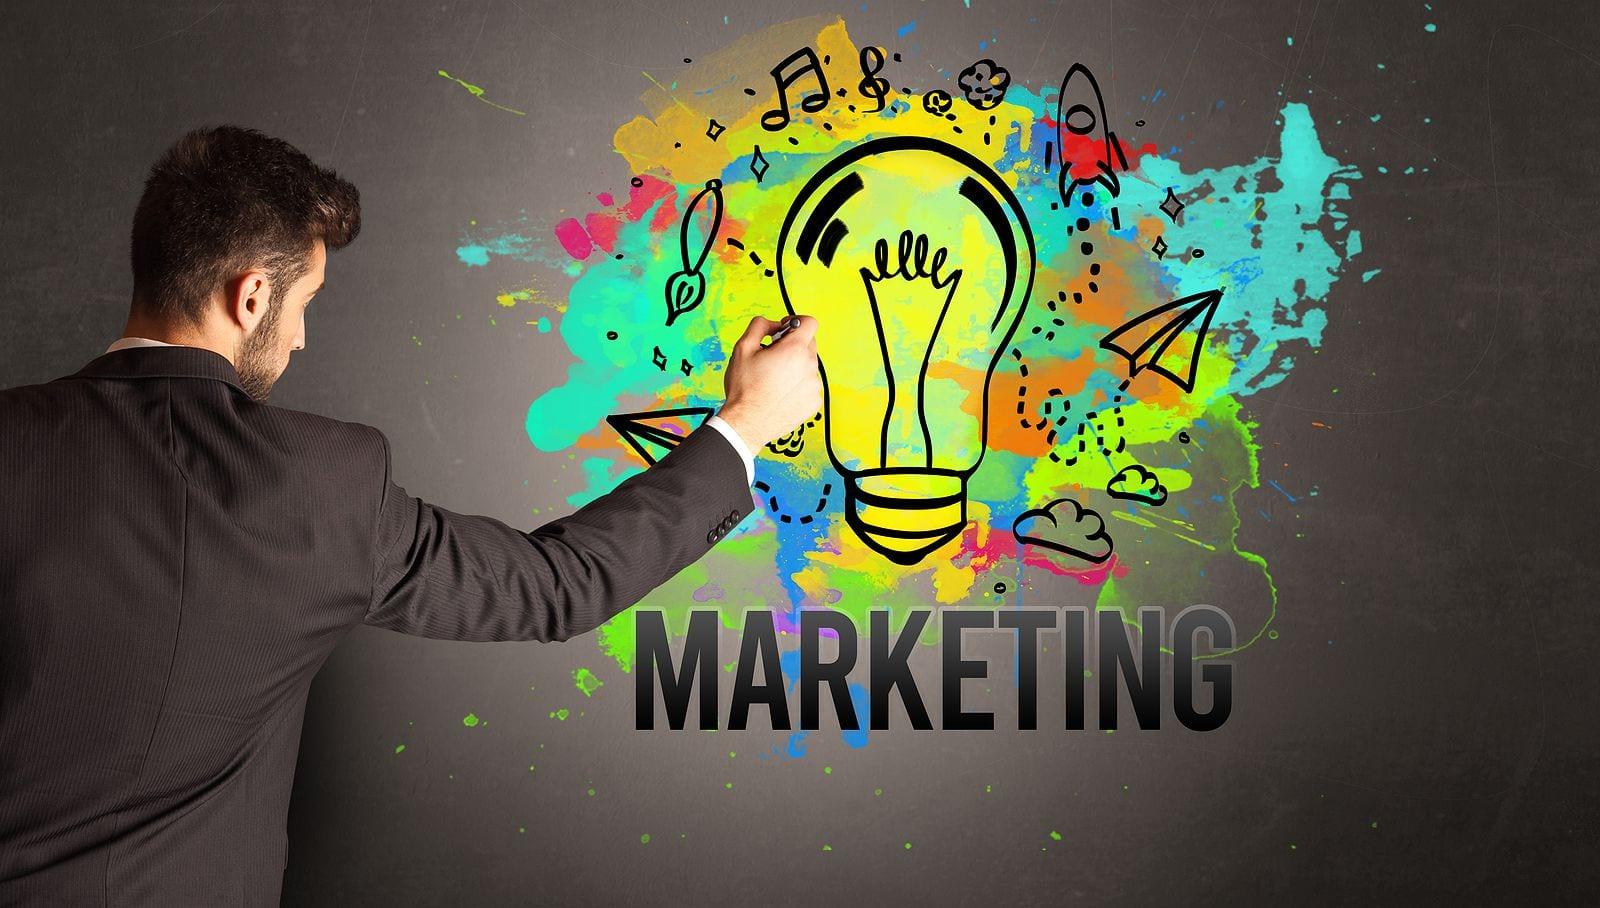 15 Property Management Marketing Ideas for 2020 | Mashvisor